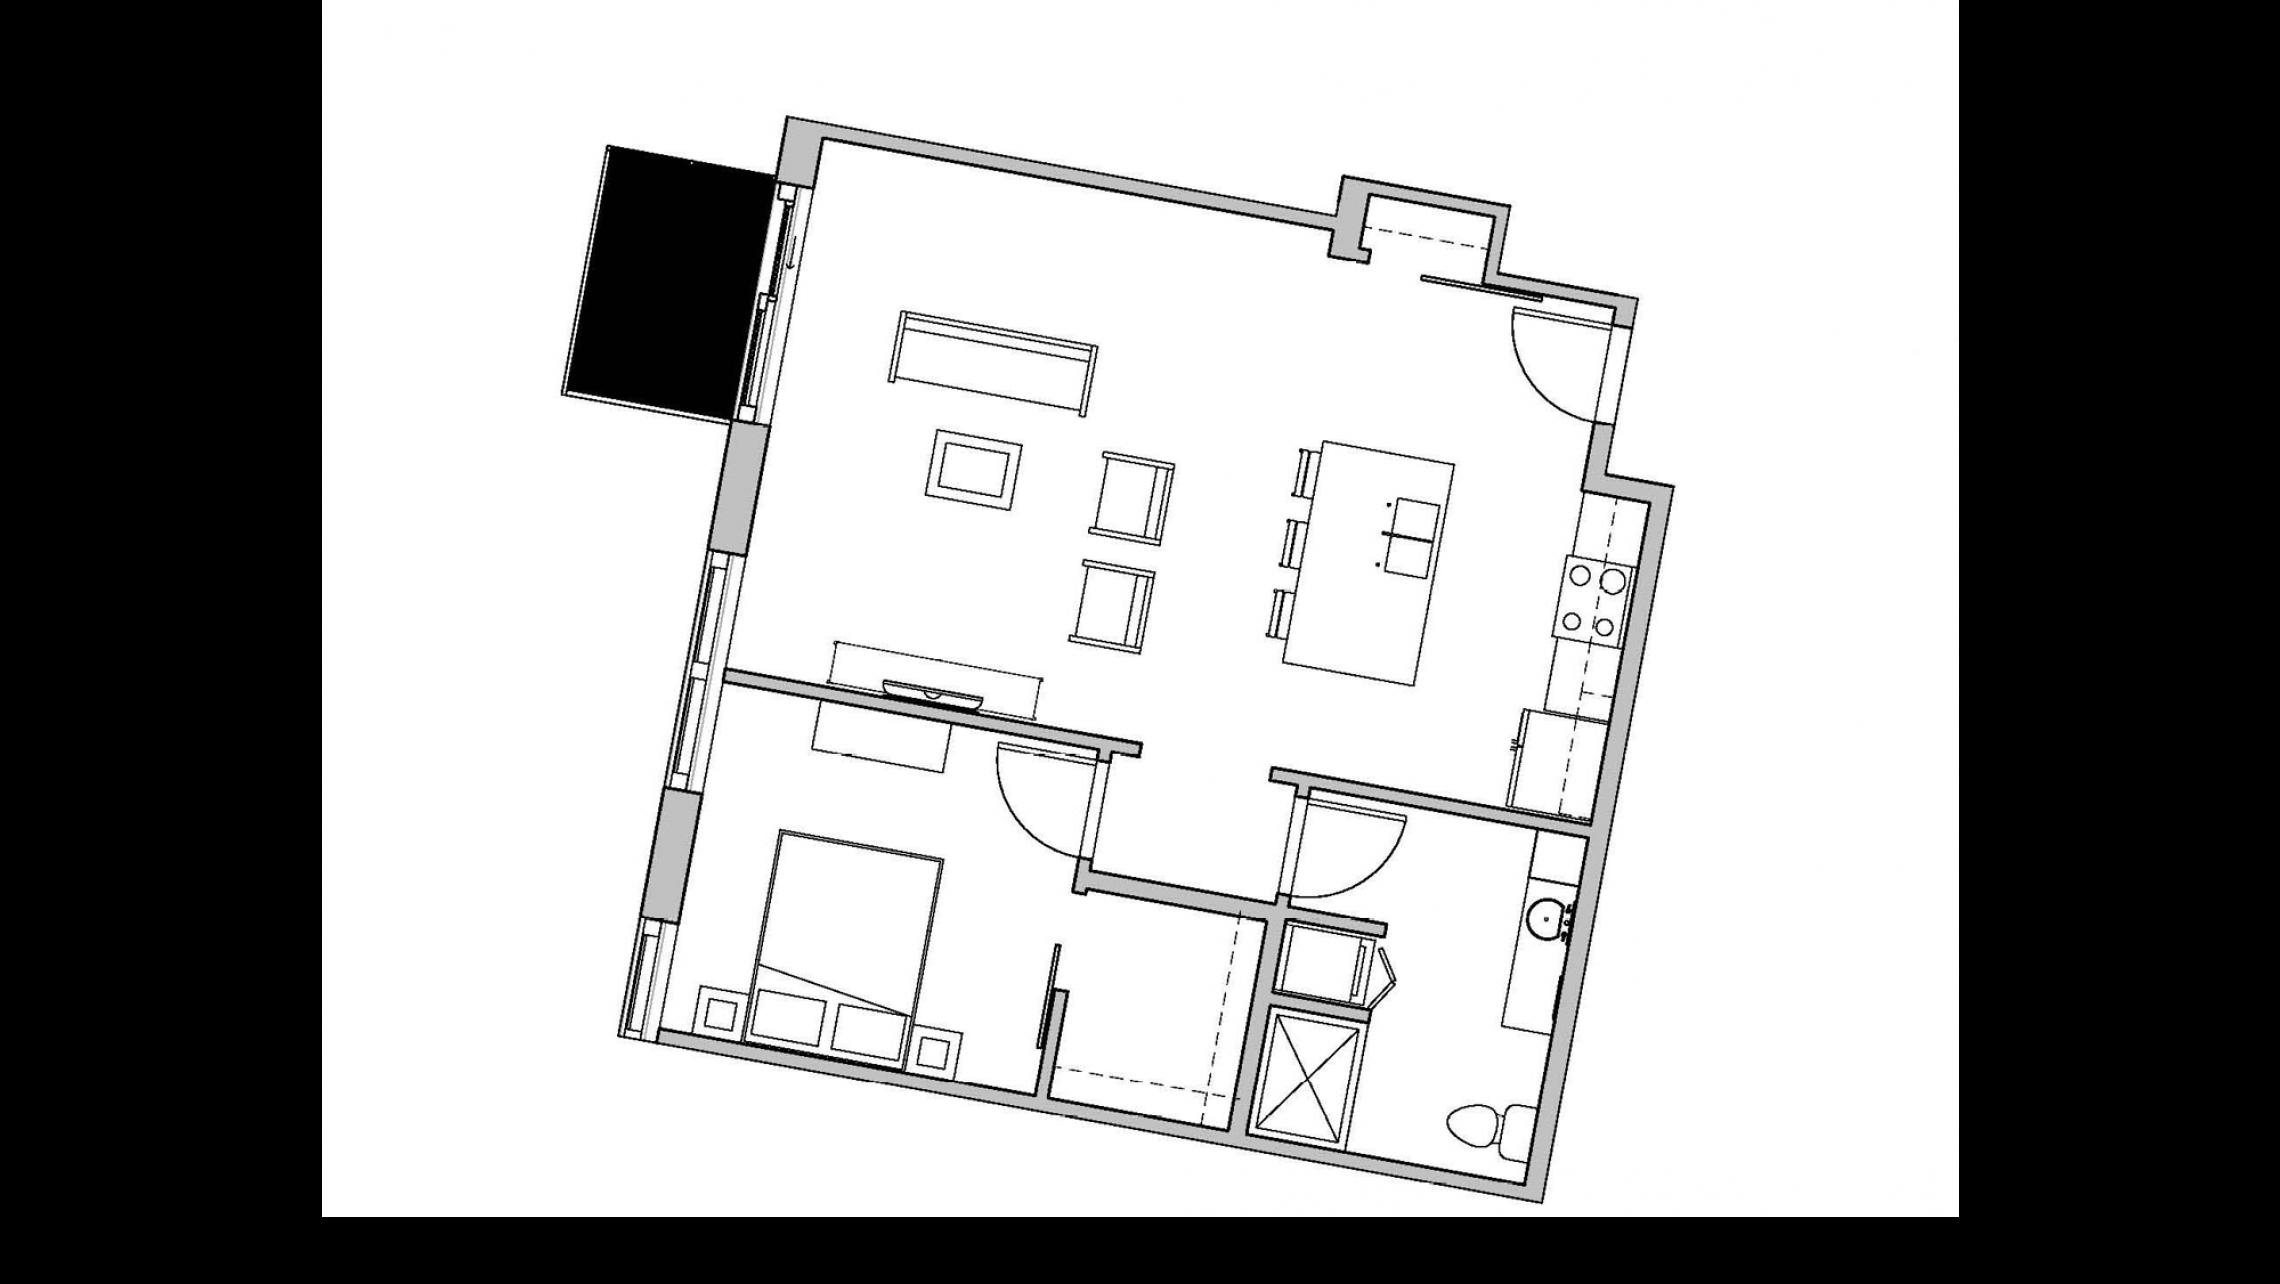 ULI Seven27 334 - One Bedroom, One Bathroom